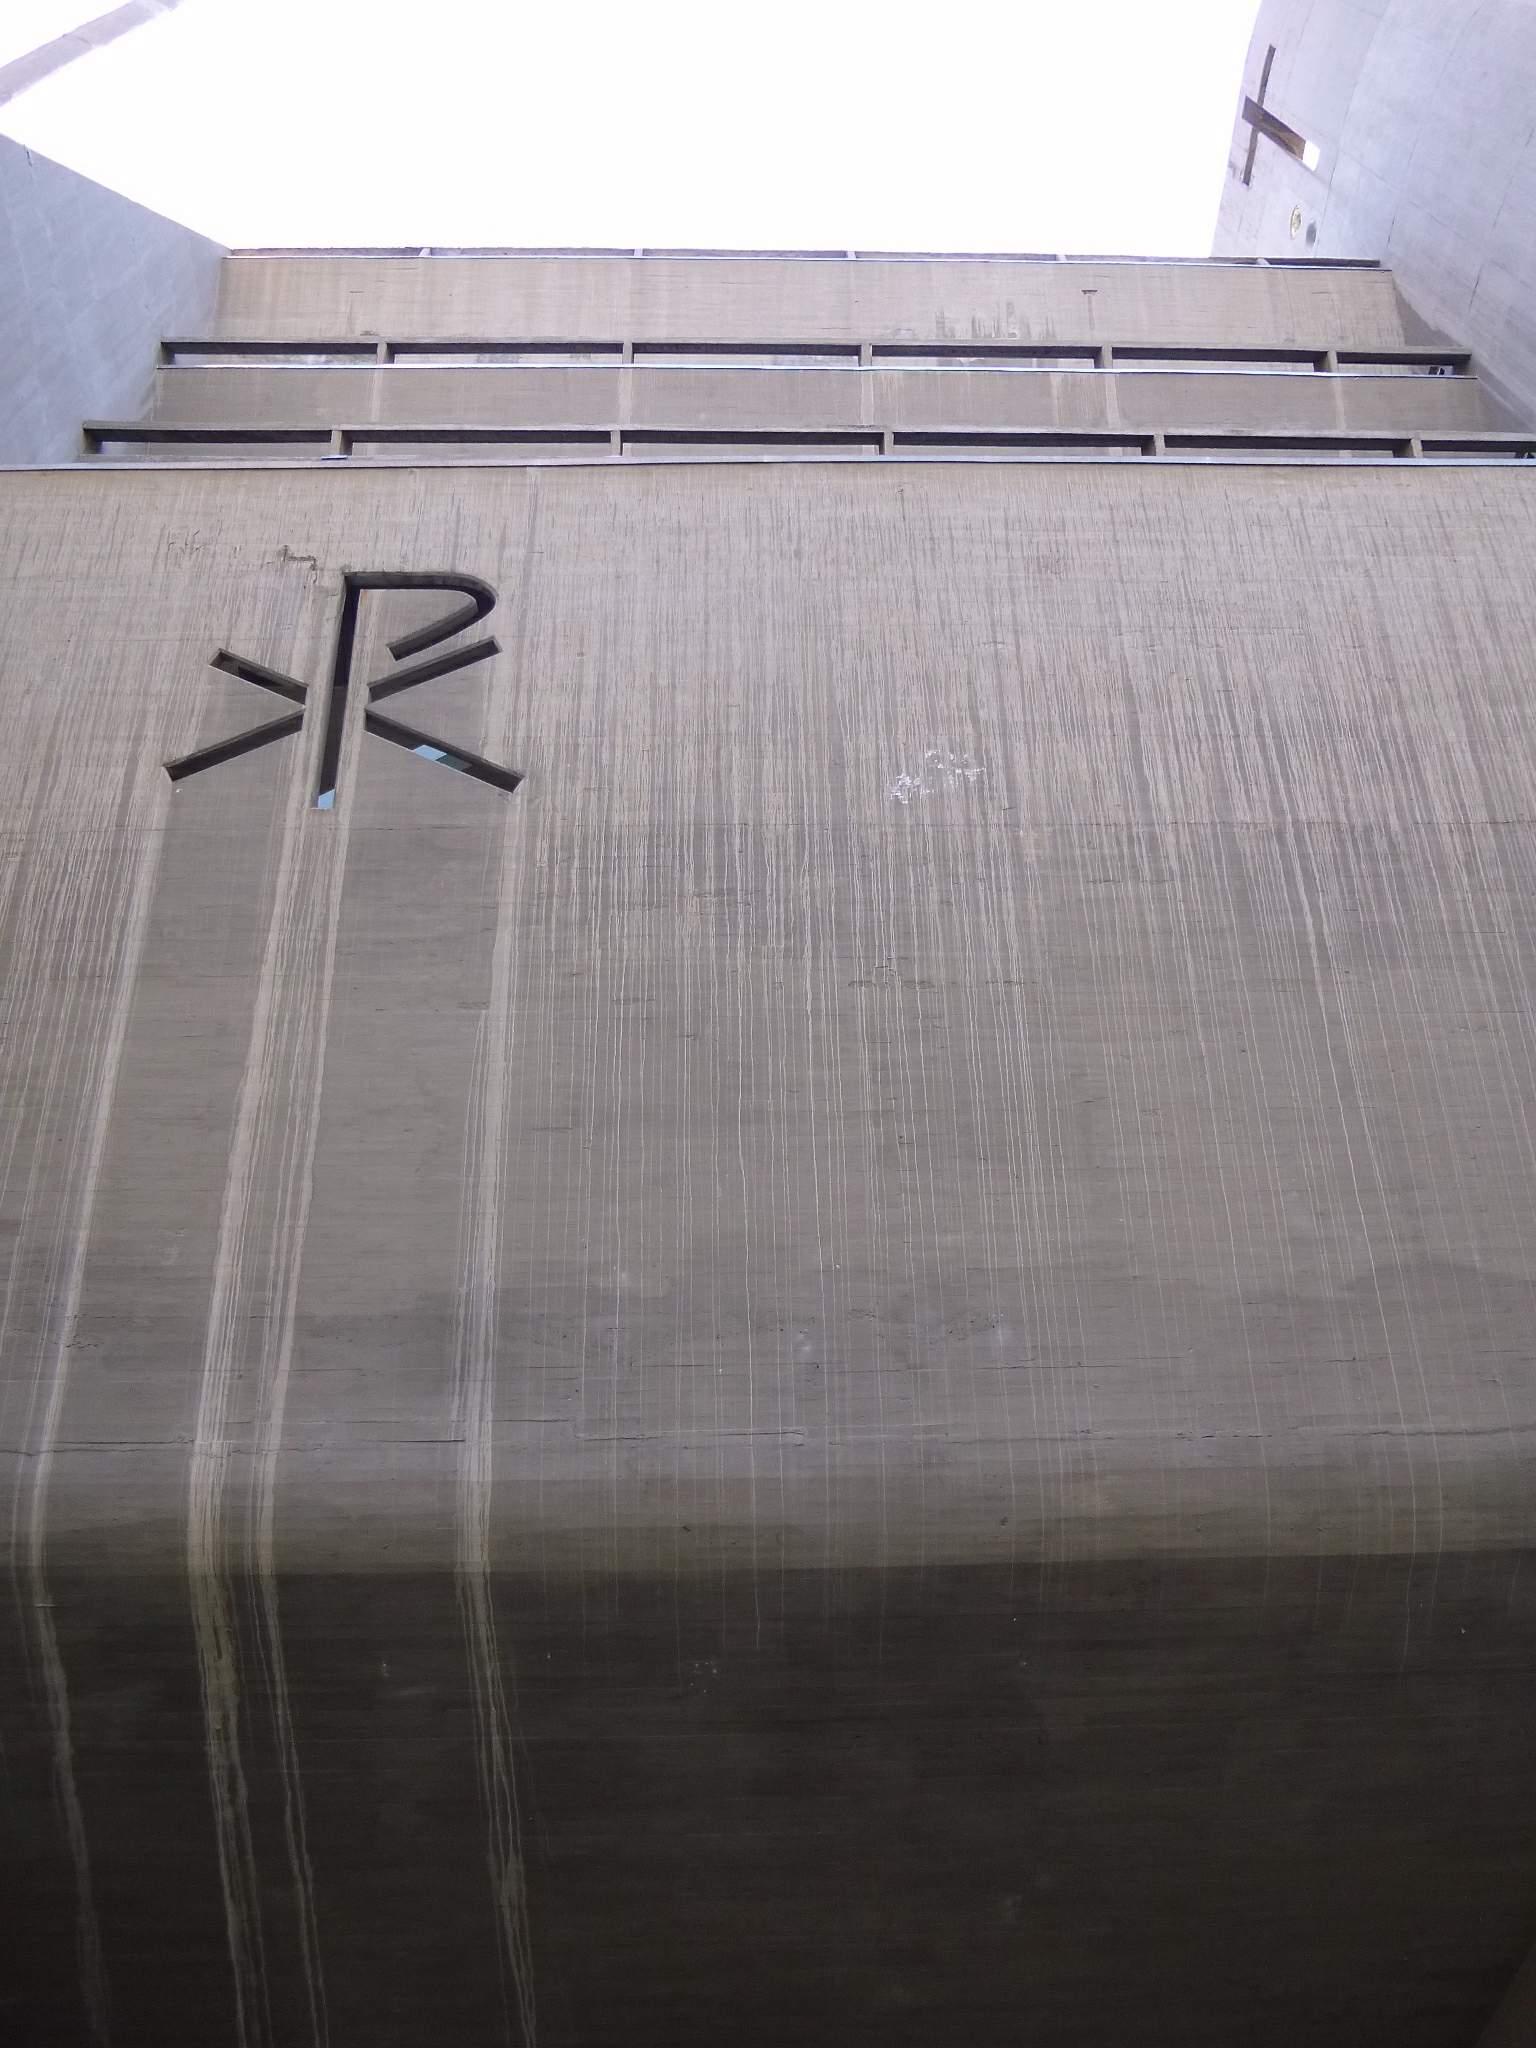 1- Iglesia Nuestra Señora del Rosario de Filipinas